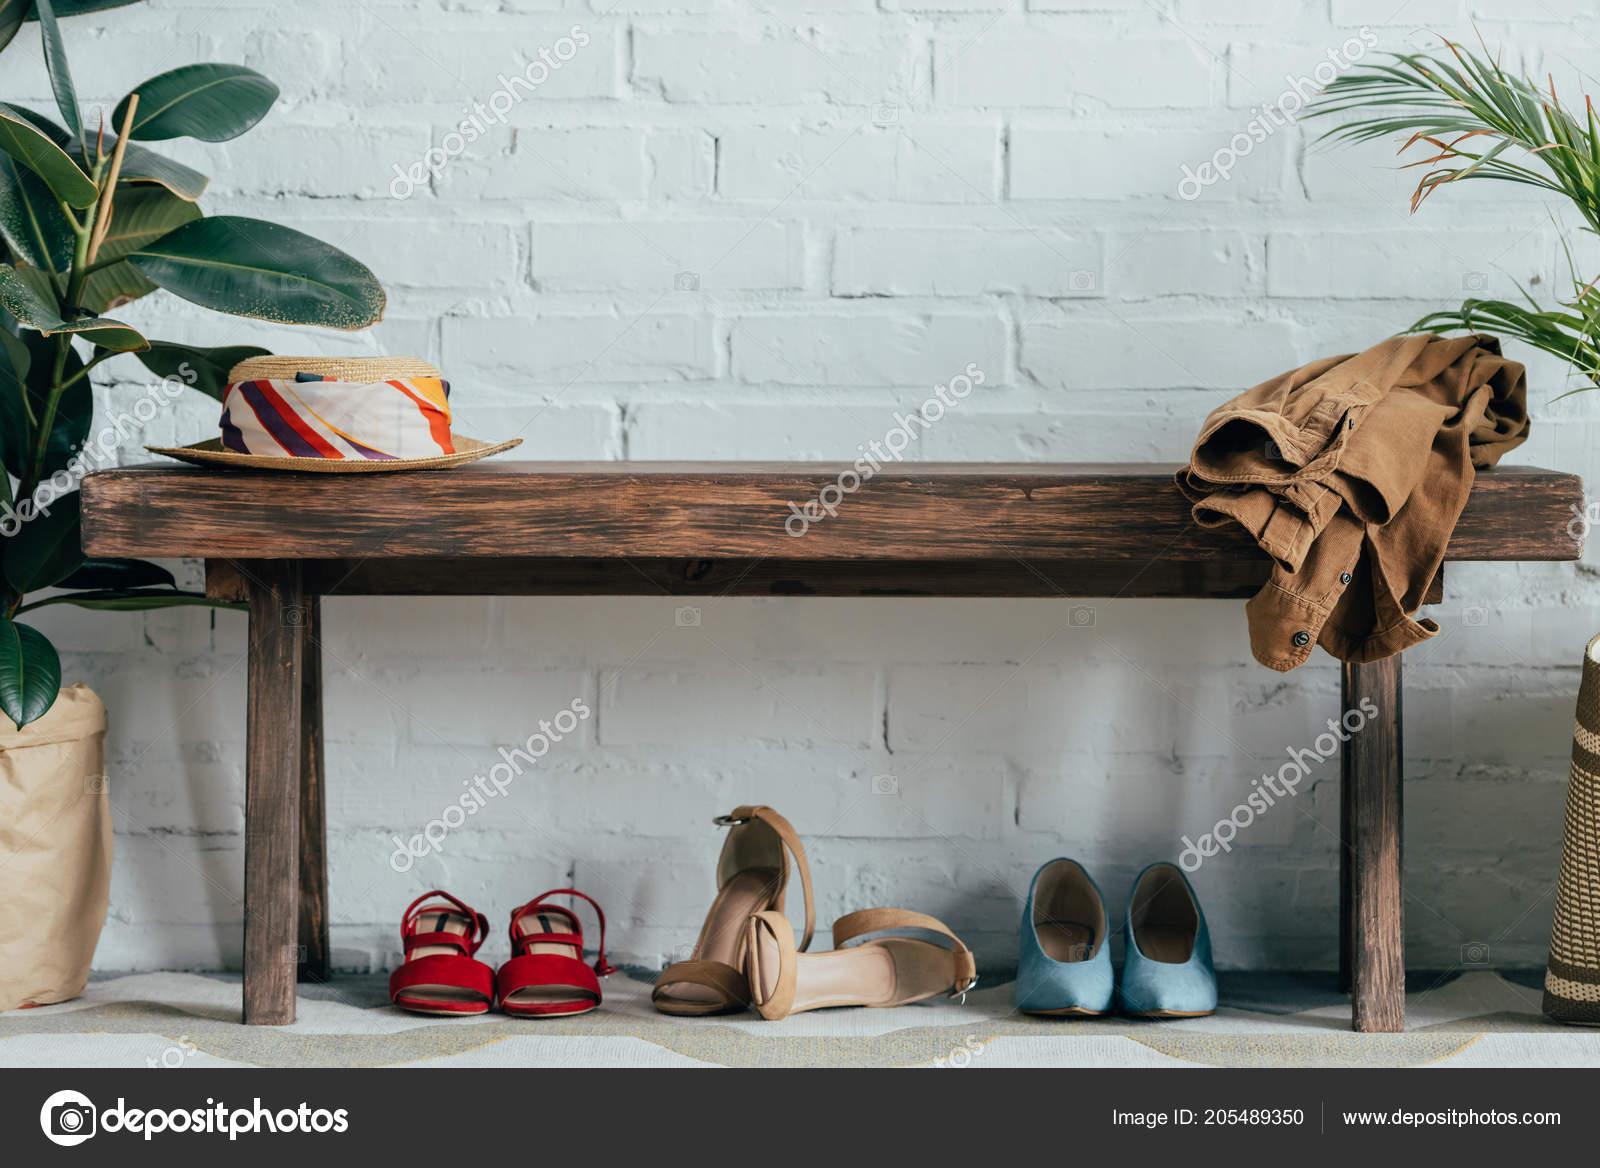 7faf8f2891 Διαφορετικά Παπούτσια Κάτω Από Ξύλινο Πάγκο Στο Διάδρομο Στο Σπίτι– εικόνα  αρχείου